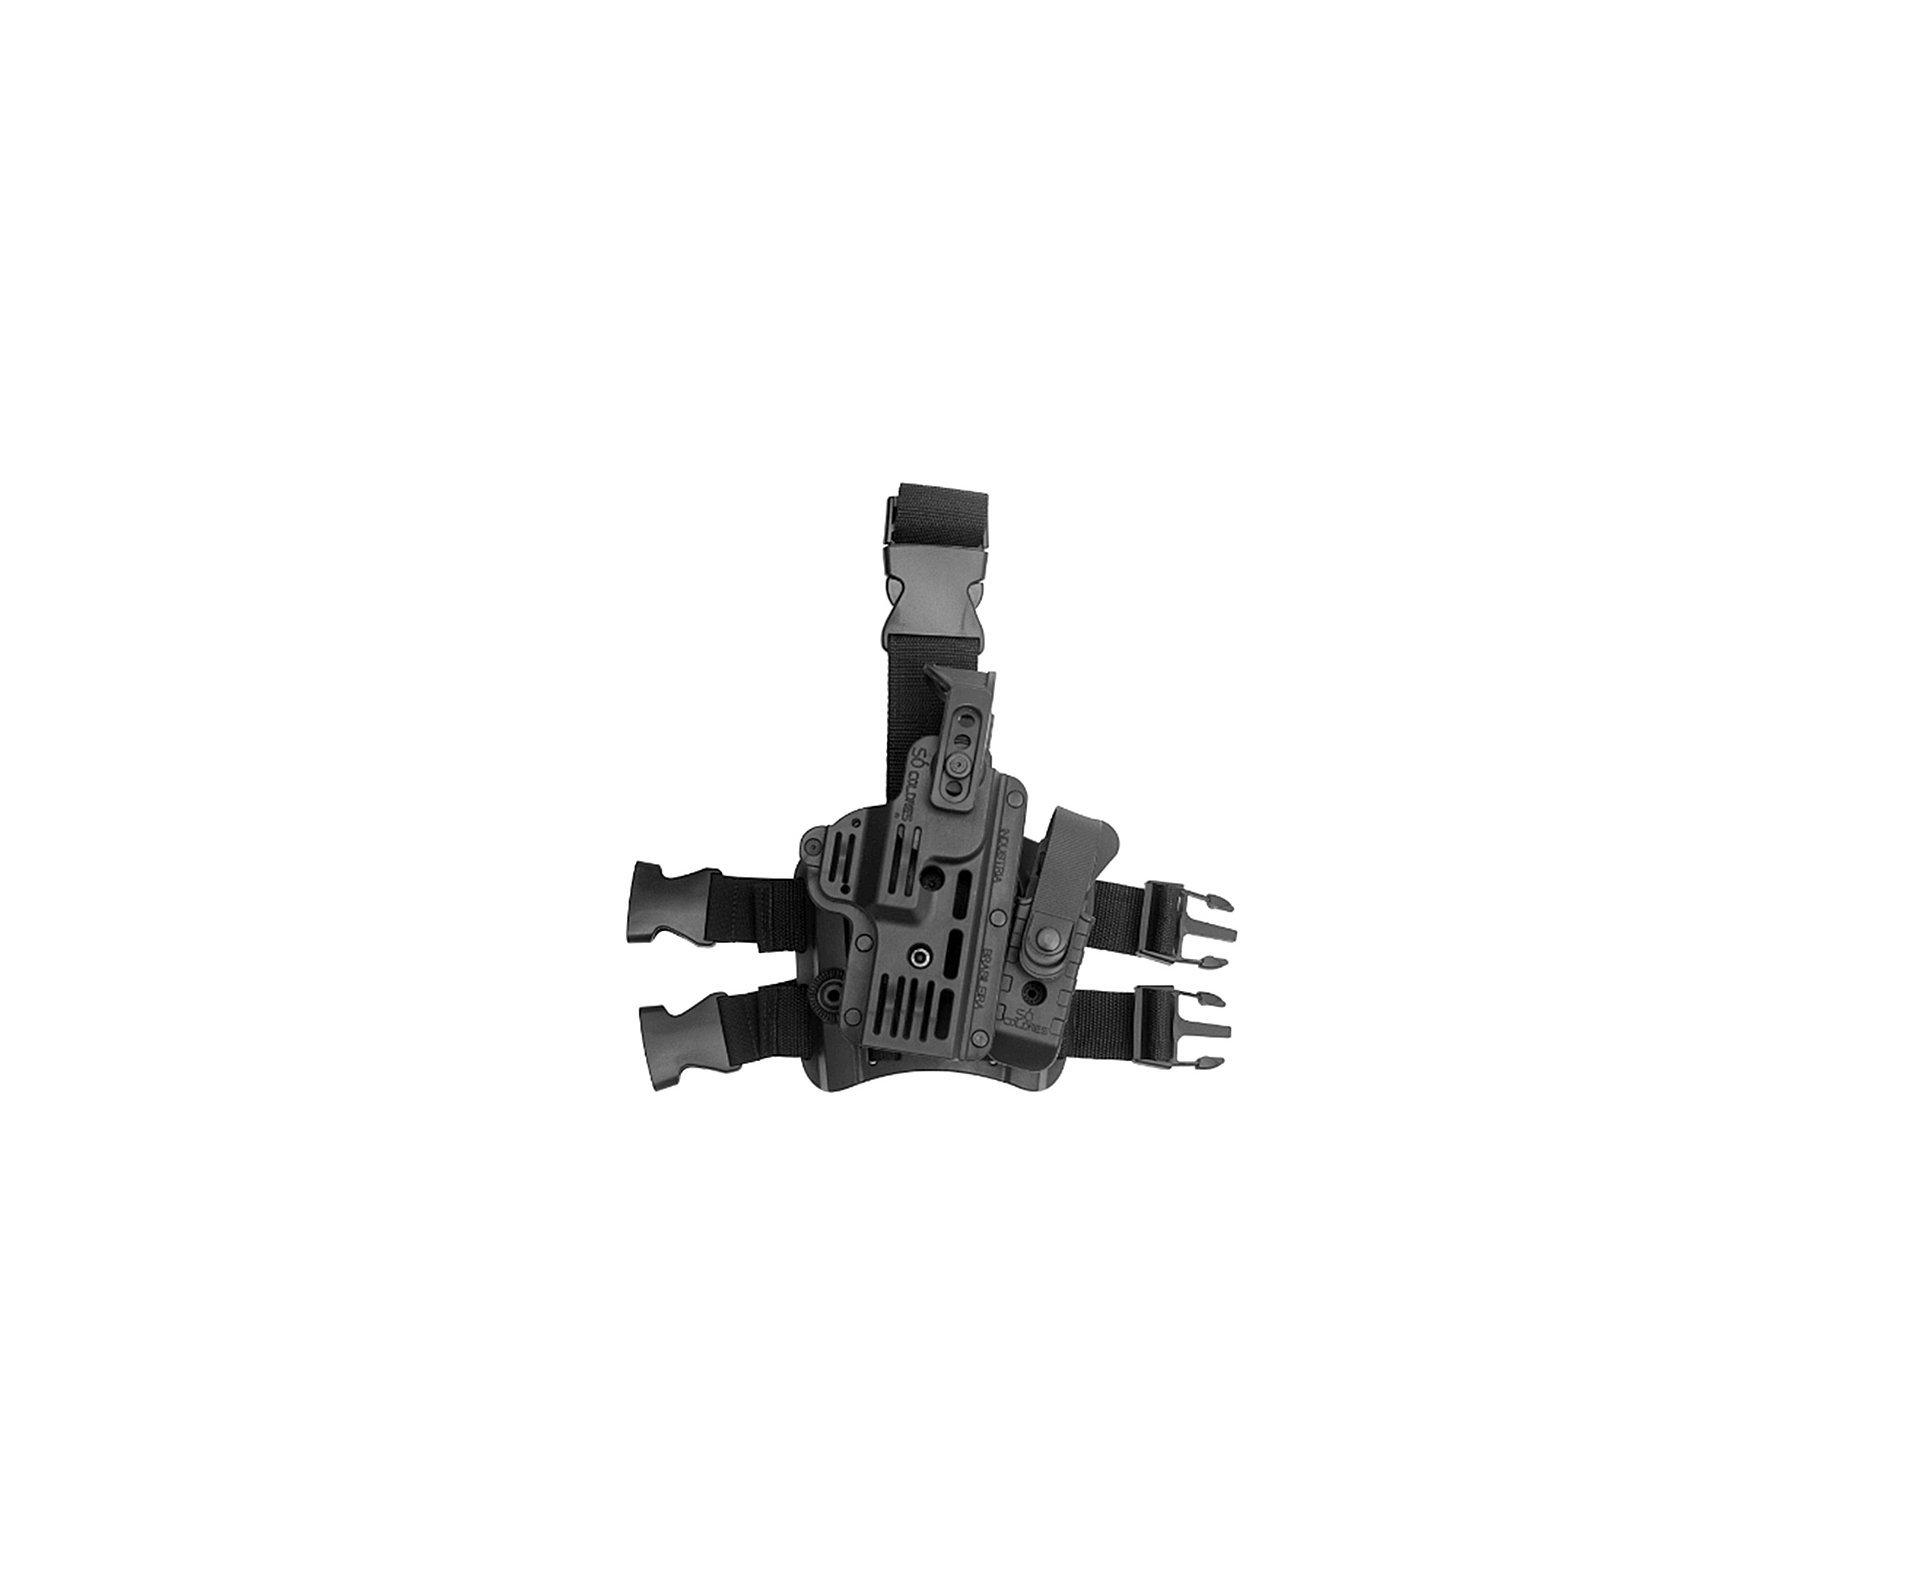 Coldre Predador De Perna Pistolas Taurus, Glock Imbel Só Coldre Destro